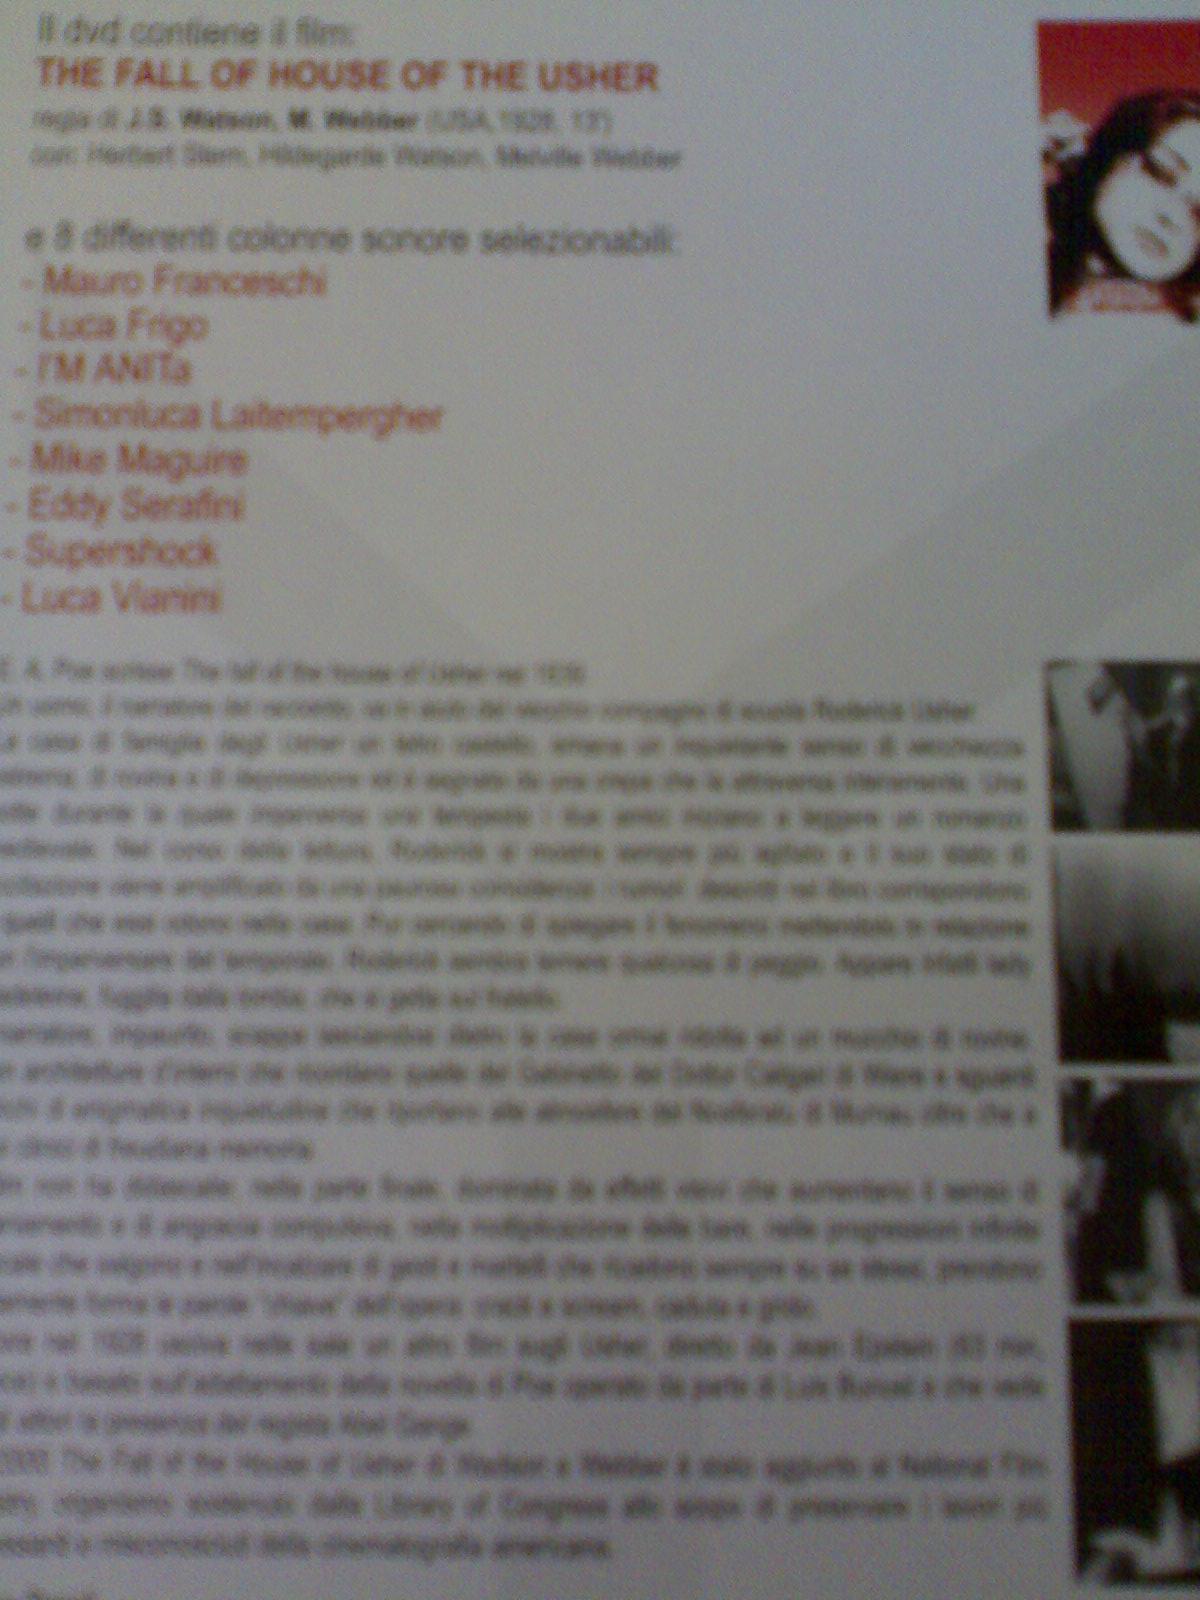 dvd de La caduta della casa Usher contenente anche la colonna sonora di Luca Frigo